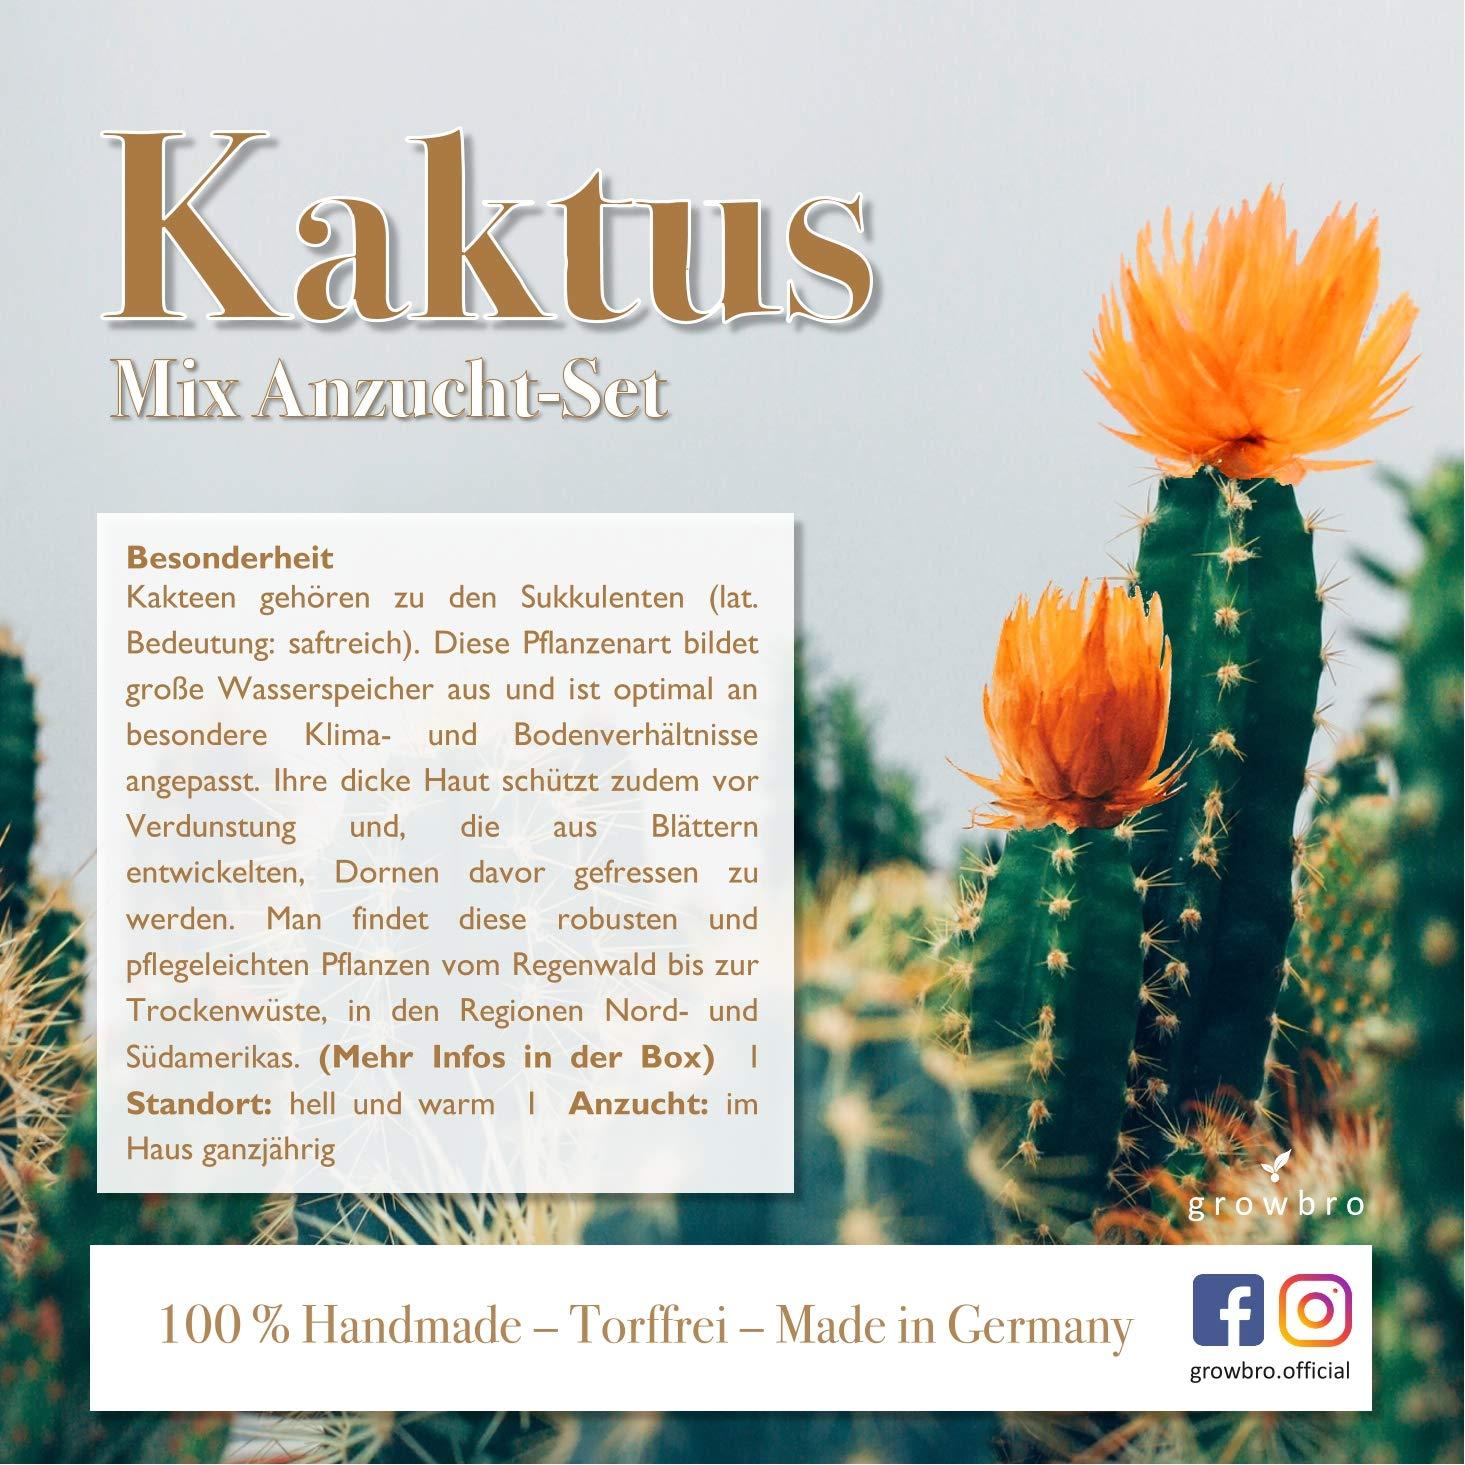 Kaktus verschenken bedeutung. 🏆 Blumen. 2020-02-06